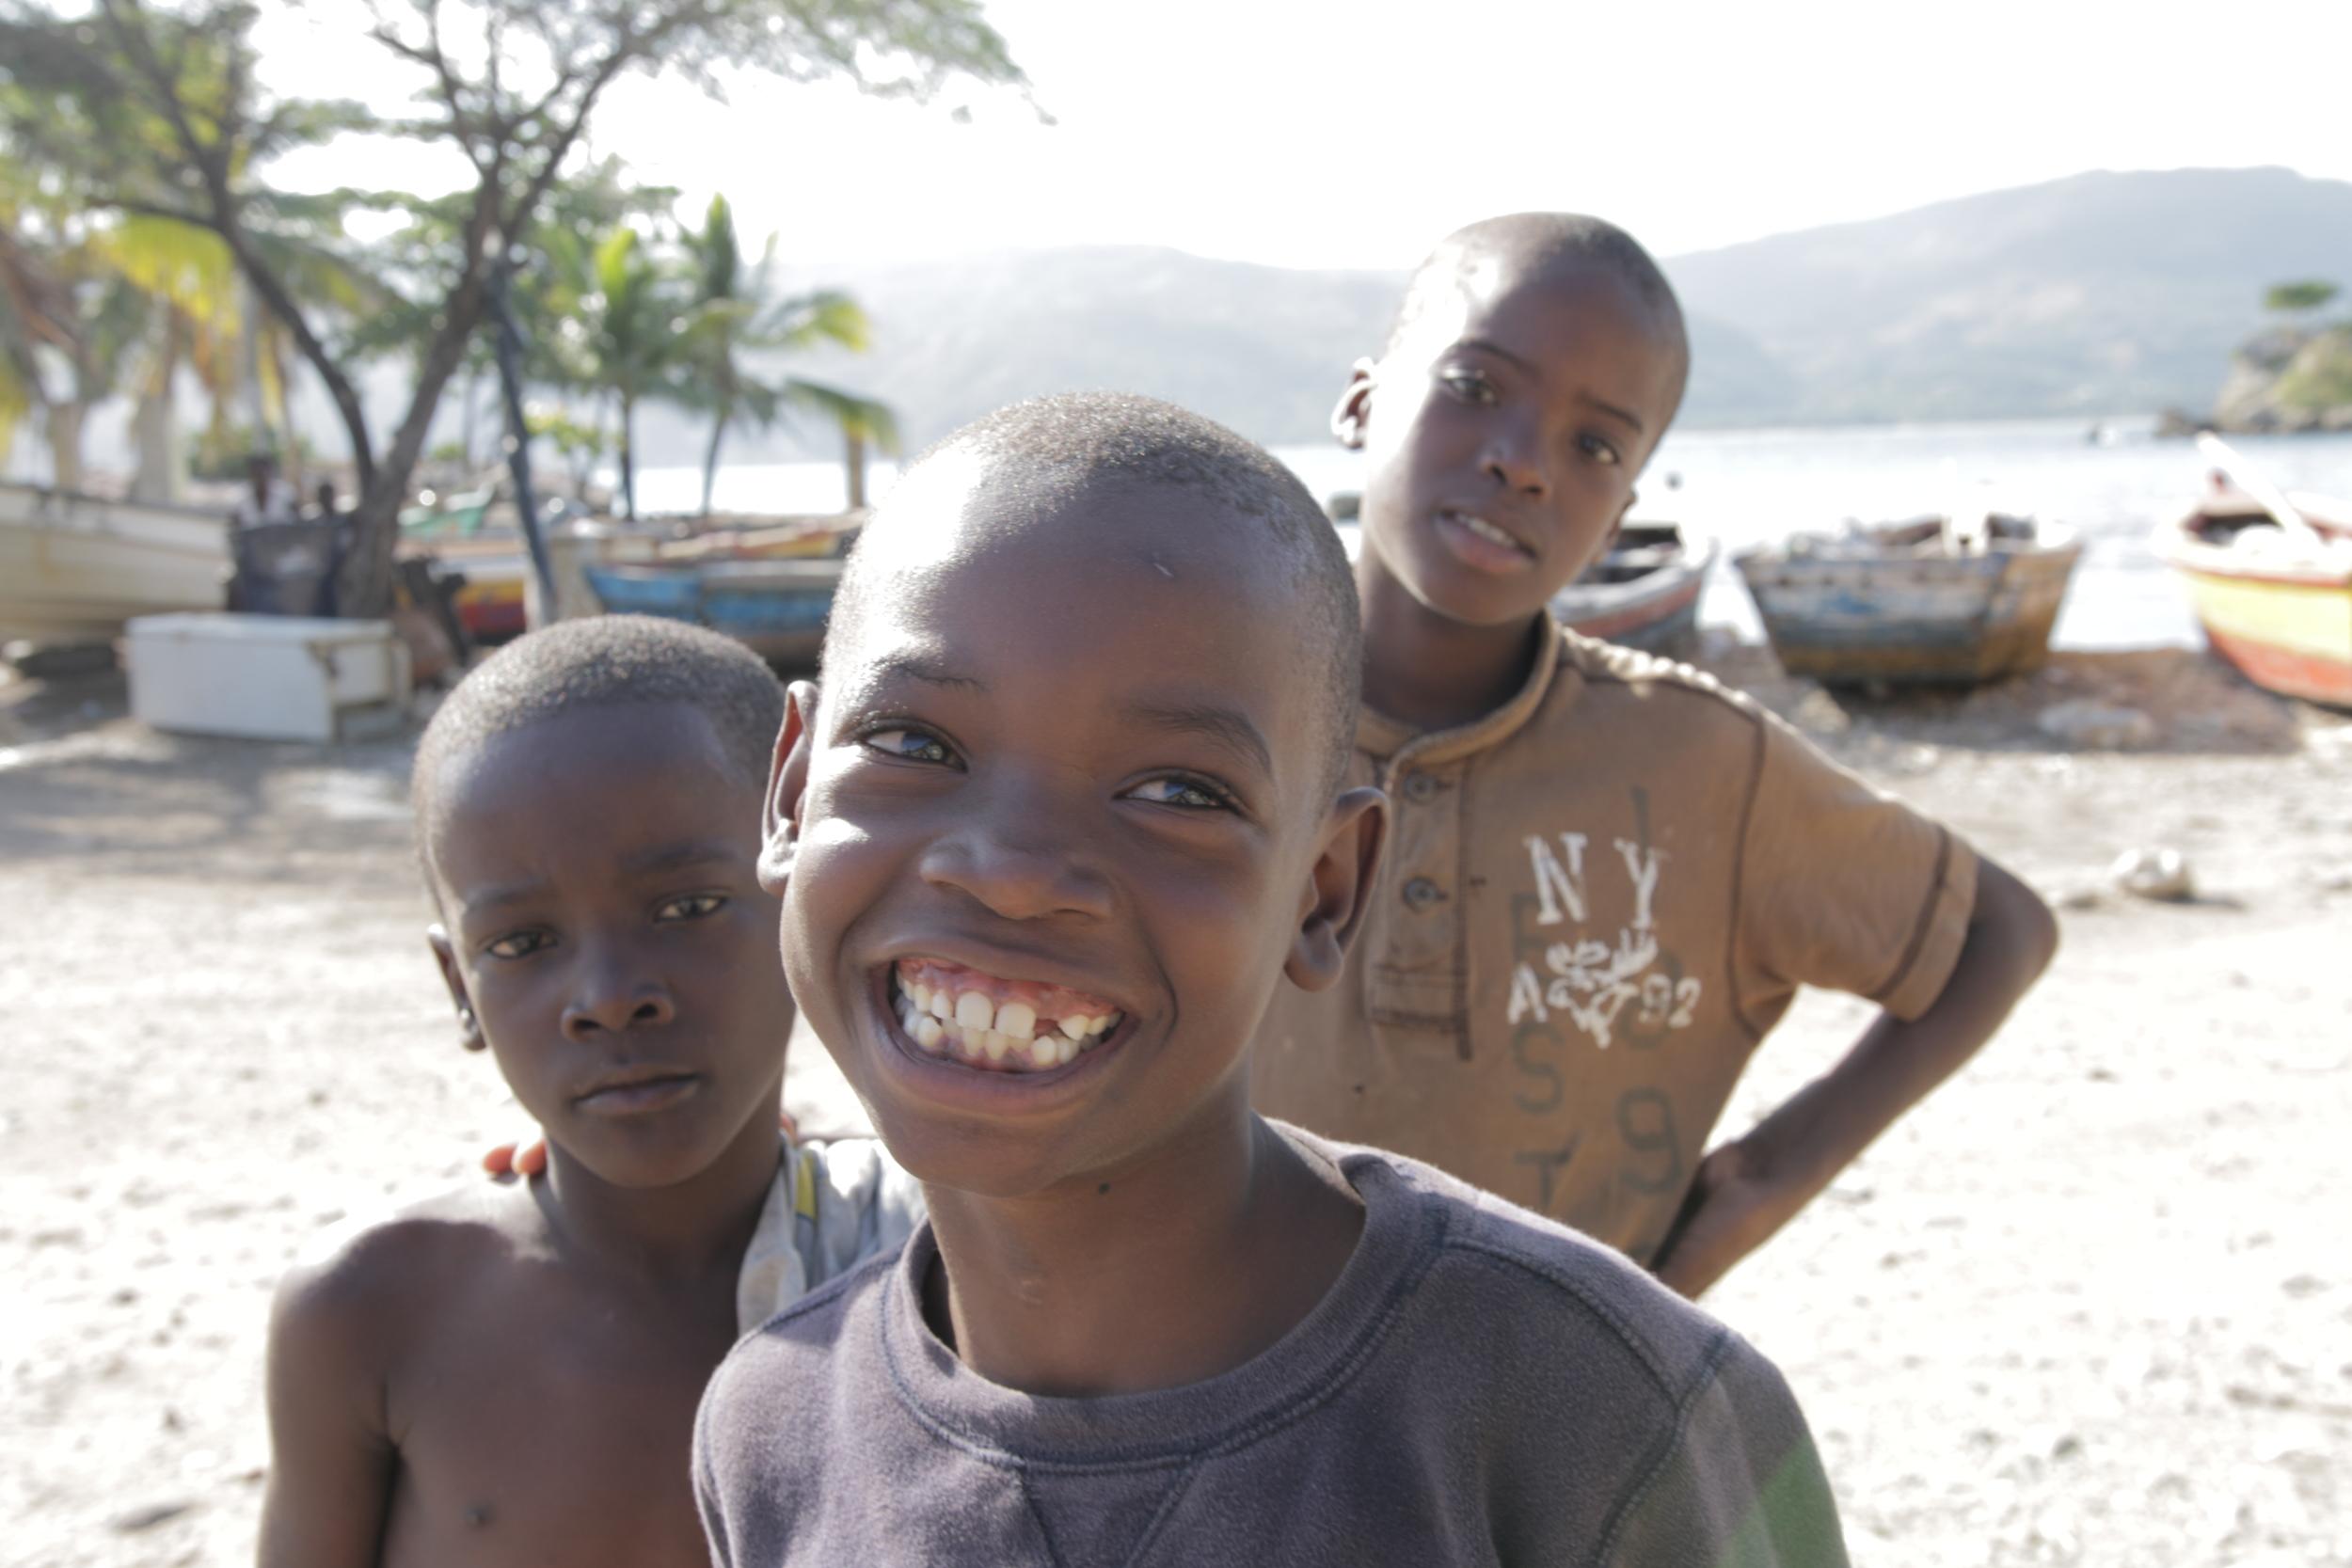 Children smiling in Haiti